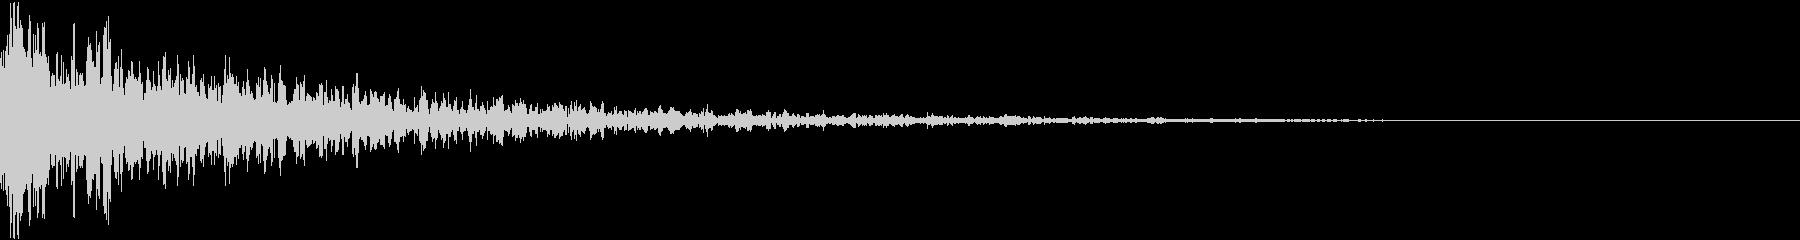 ドーン-12-2(インパクト音)の未再生の波形